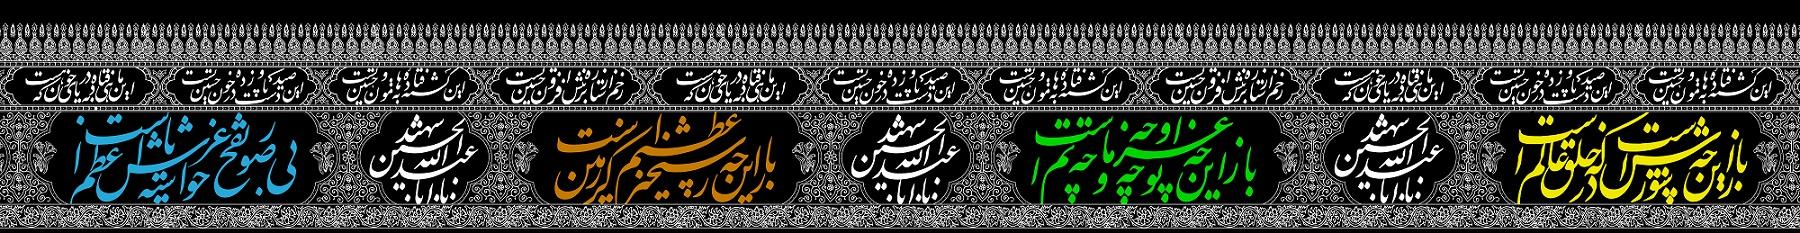 اشعار شب چهارم محرم؛ حضرت عبدالله بن حسن(ع)